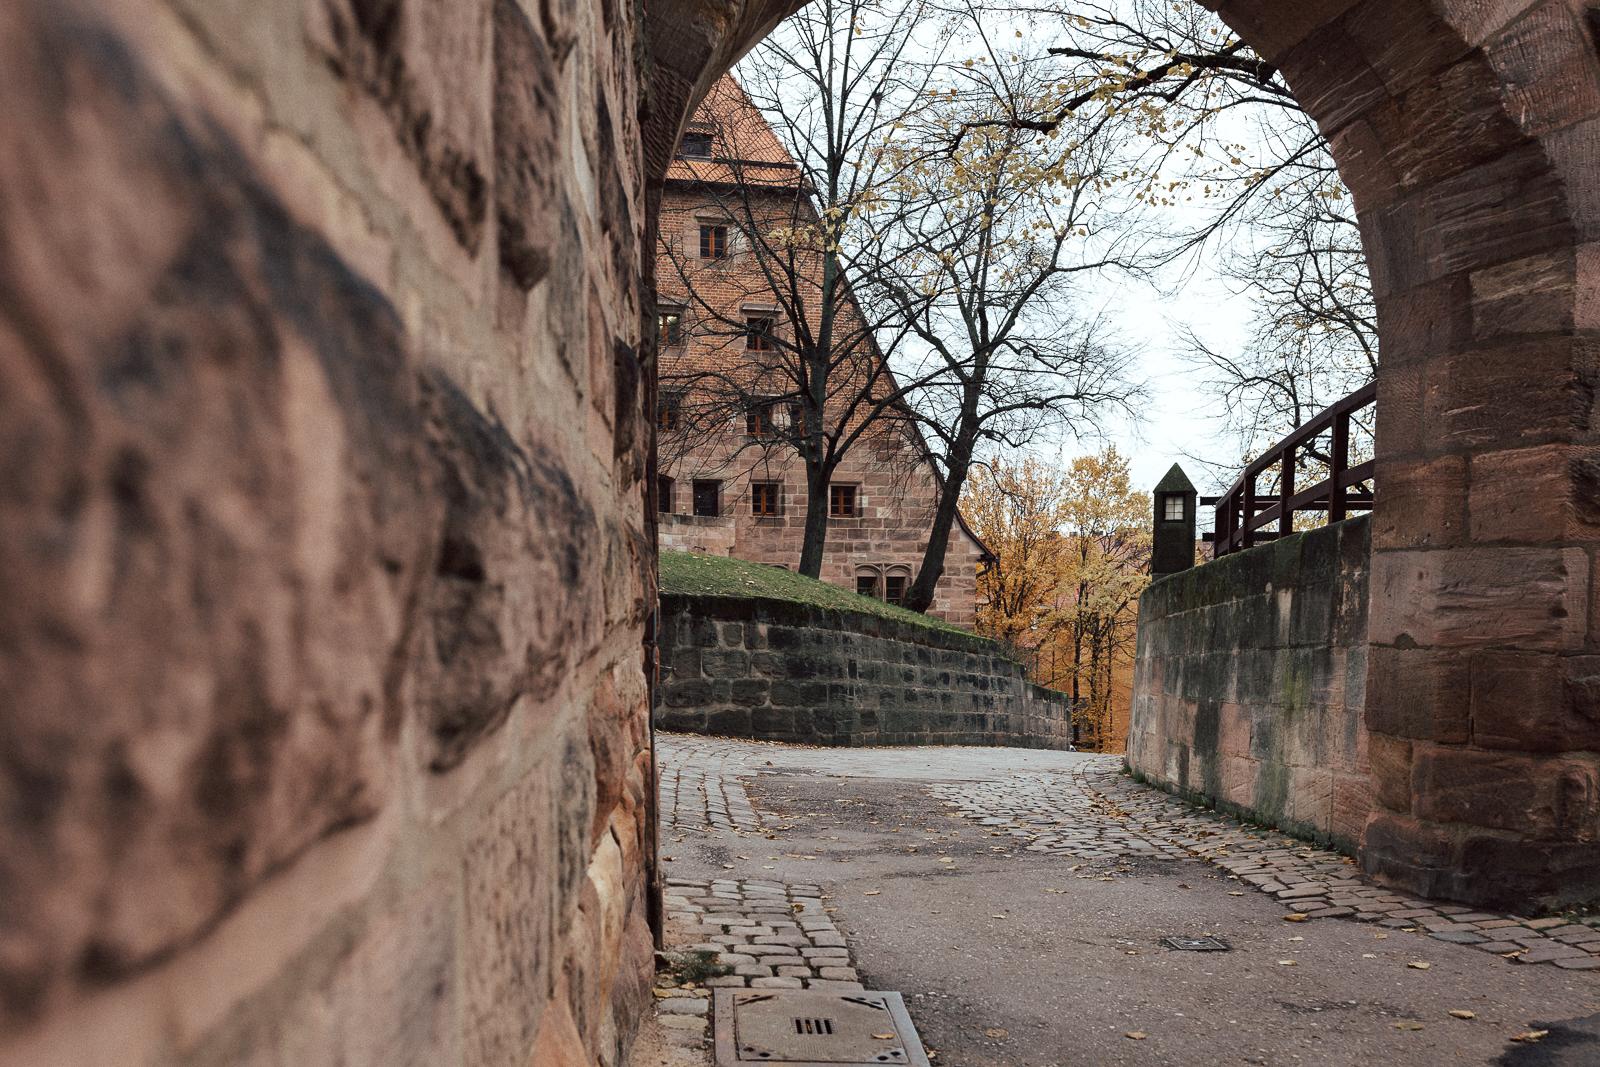 URBANERIE_Daniela_Goth_Fotografin_Nürnberg_Fürth_Erlangen_Schwabach_171110_001_0061